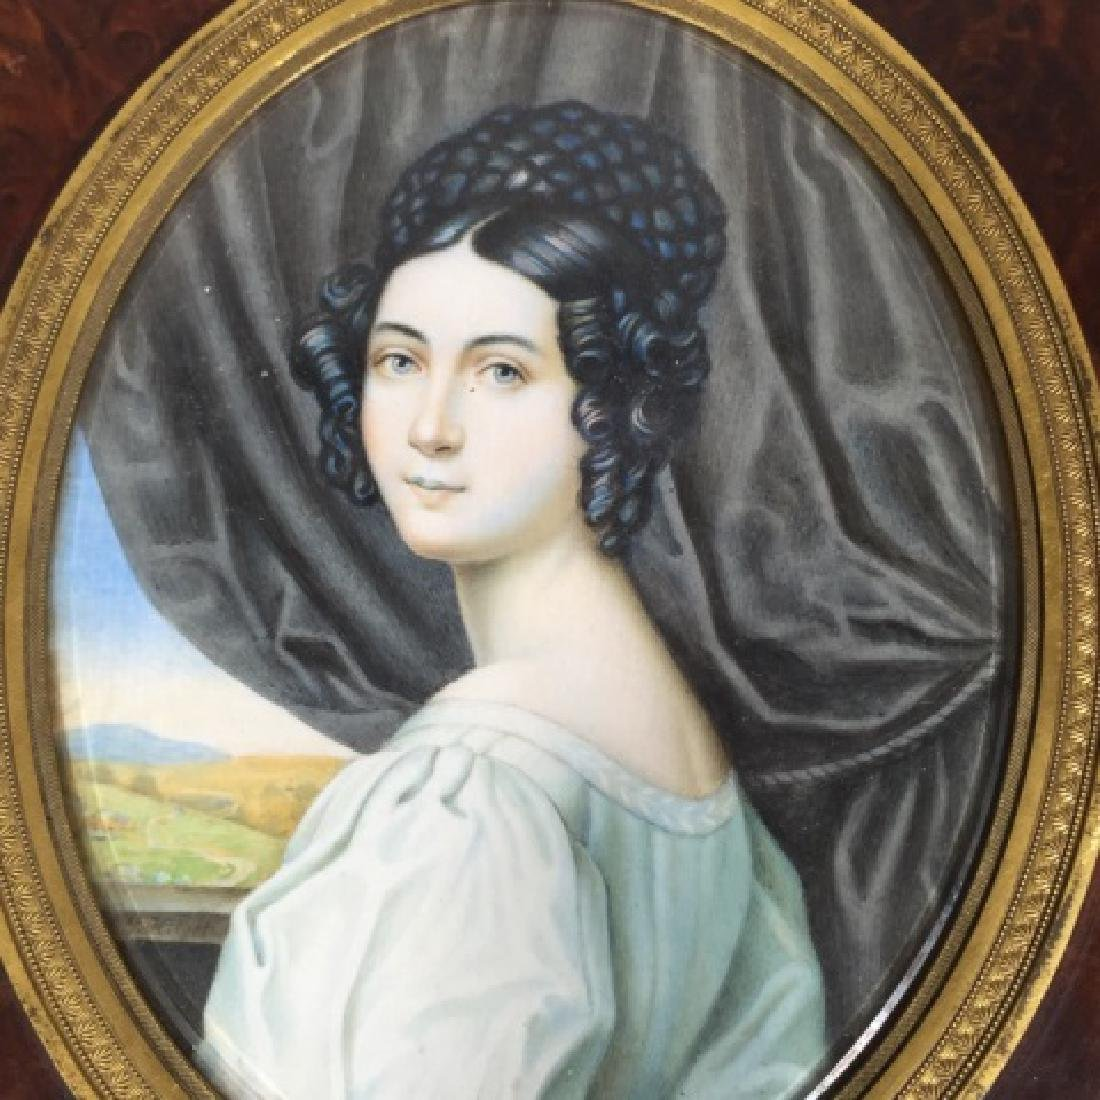 Antique 19th C Hand Painted Portrait Miniature - 6